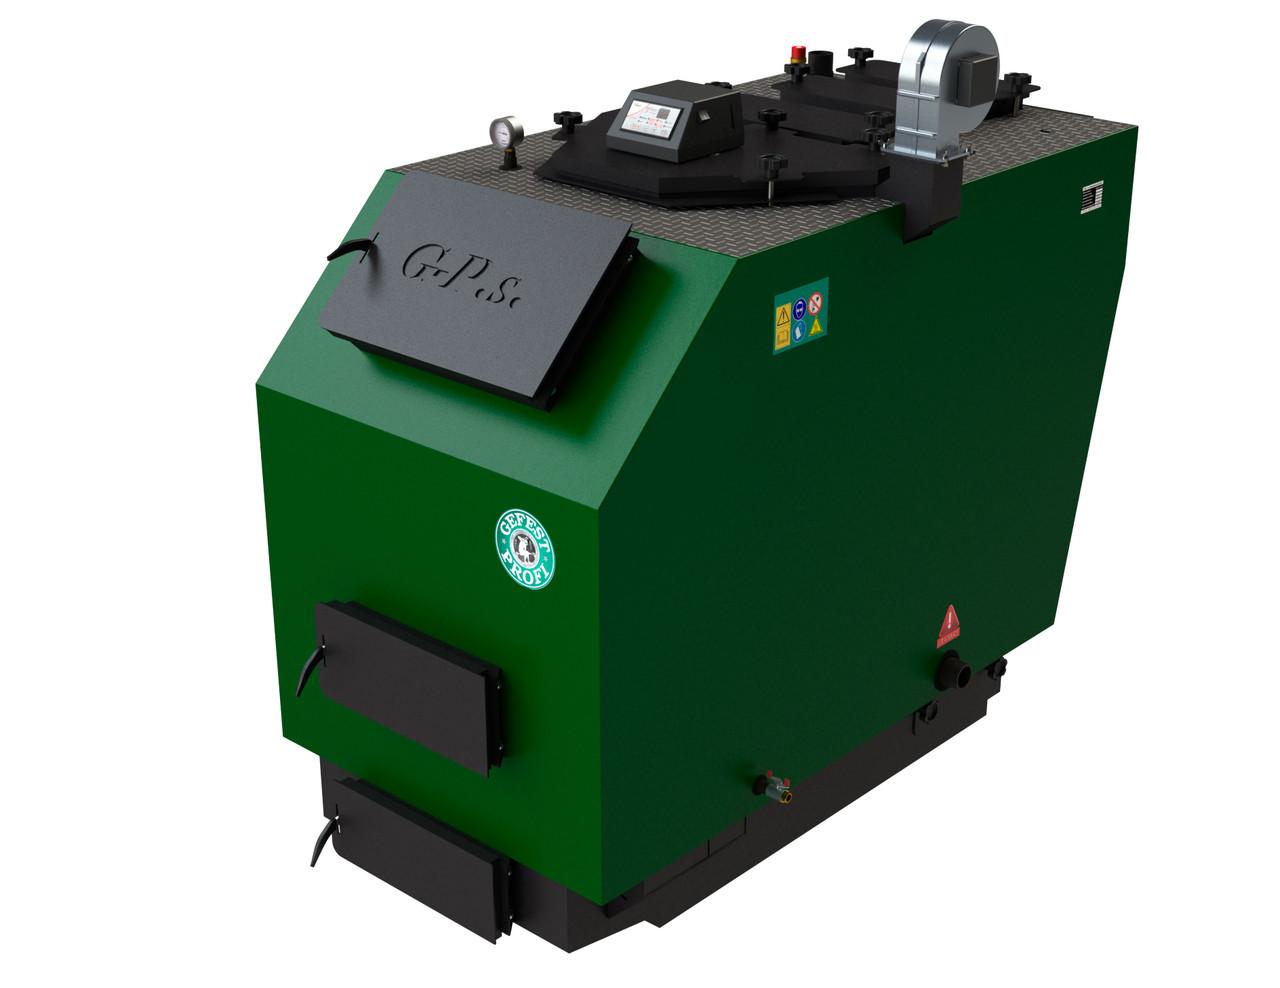 Твердотопливный котел с газификацией древесины длительного горения Gefest-profi S (Гефест-Профи С) 600 кВт